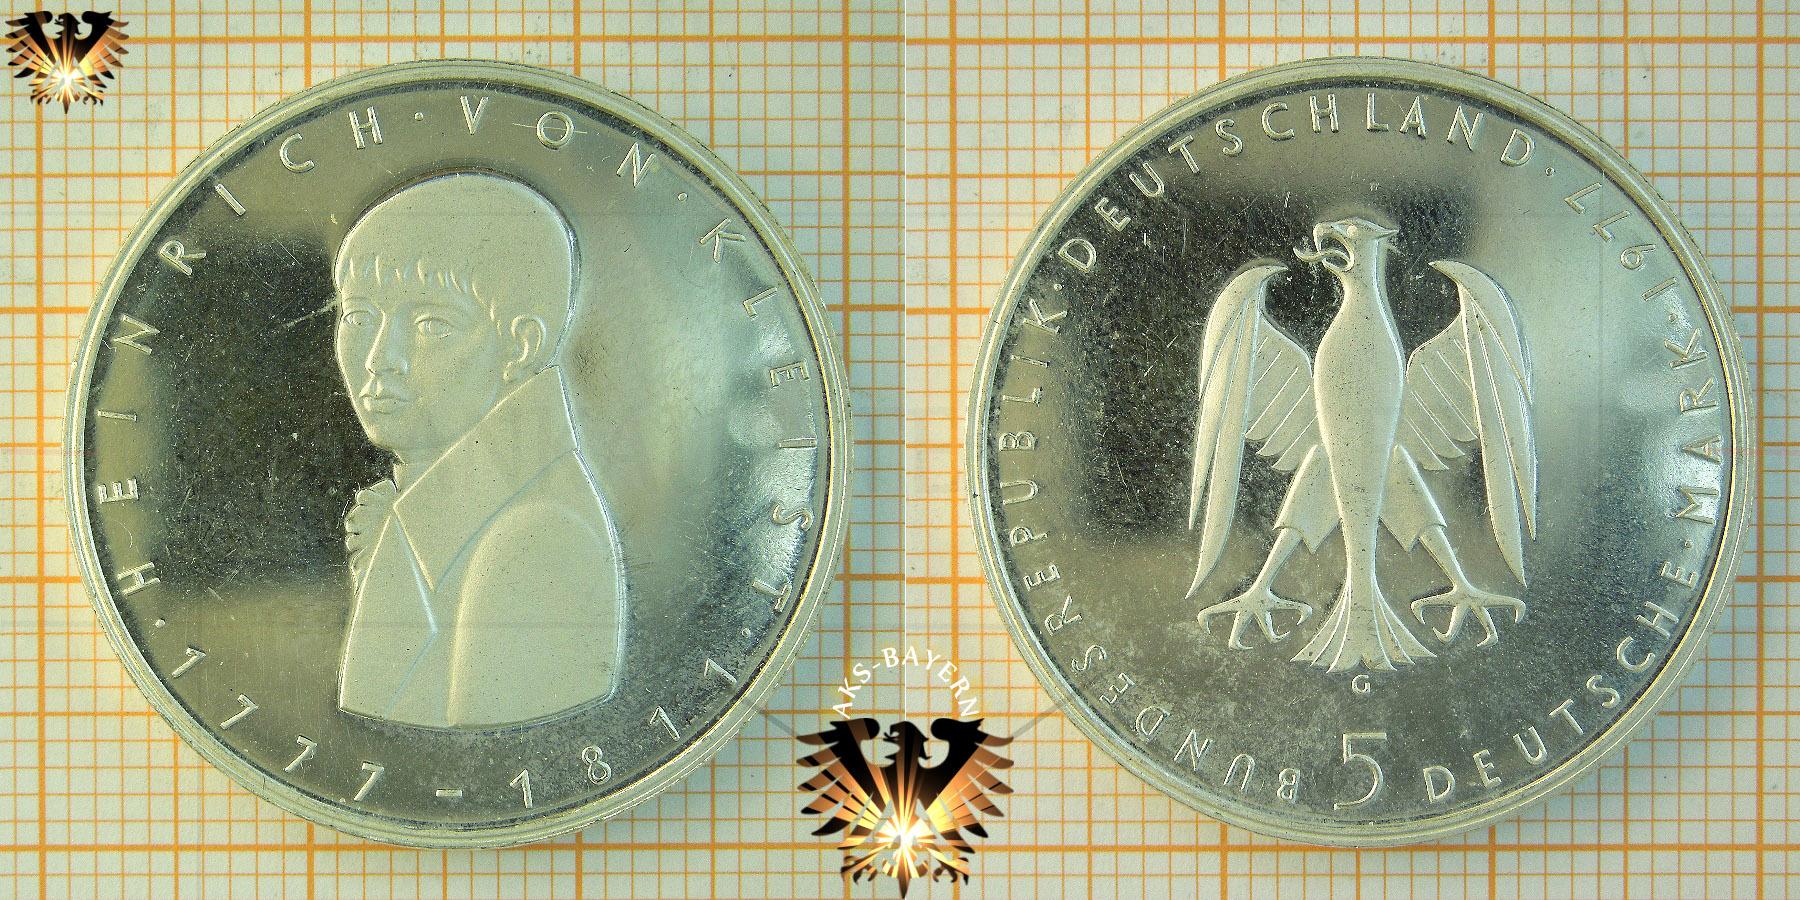 5 Dm Brd 1977 G Heinrich Von Kleist 1777 1811 Gedenkmünze